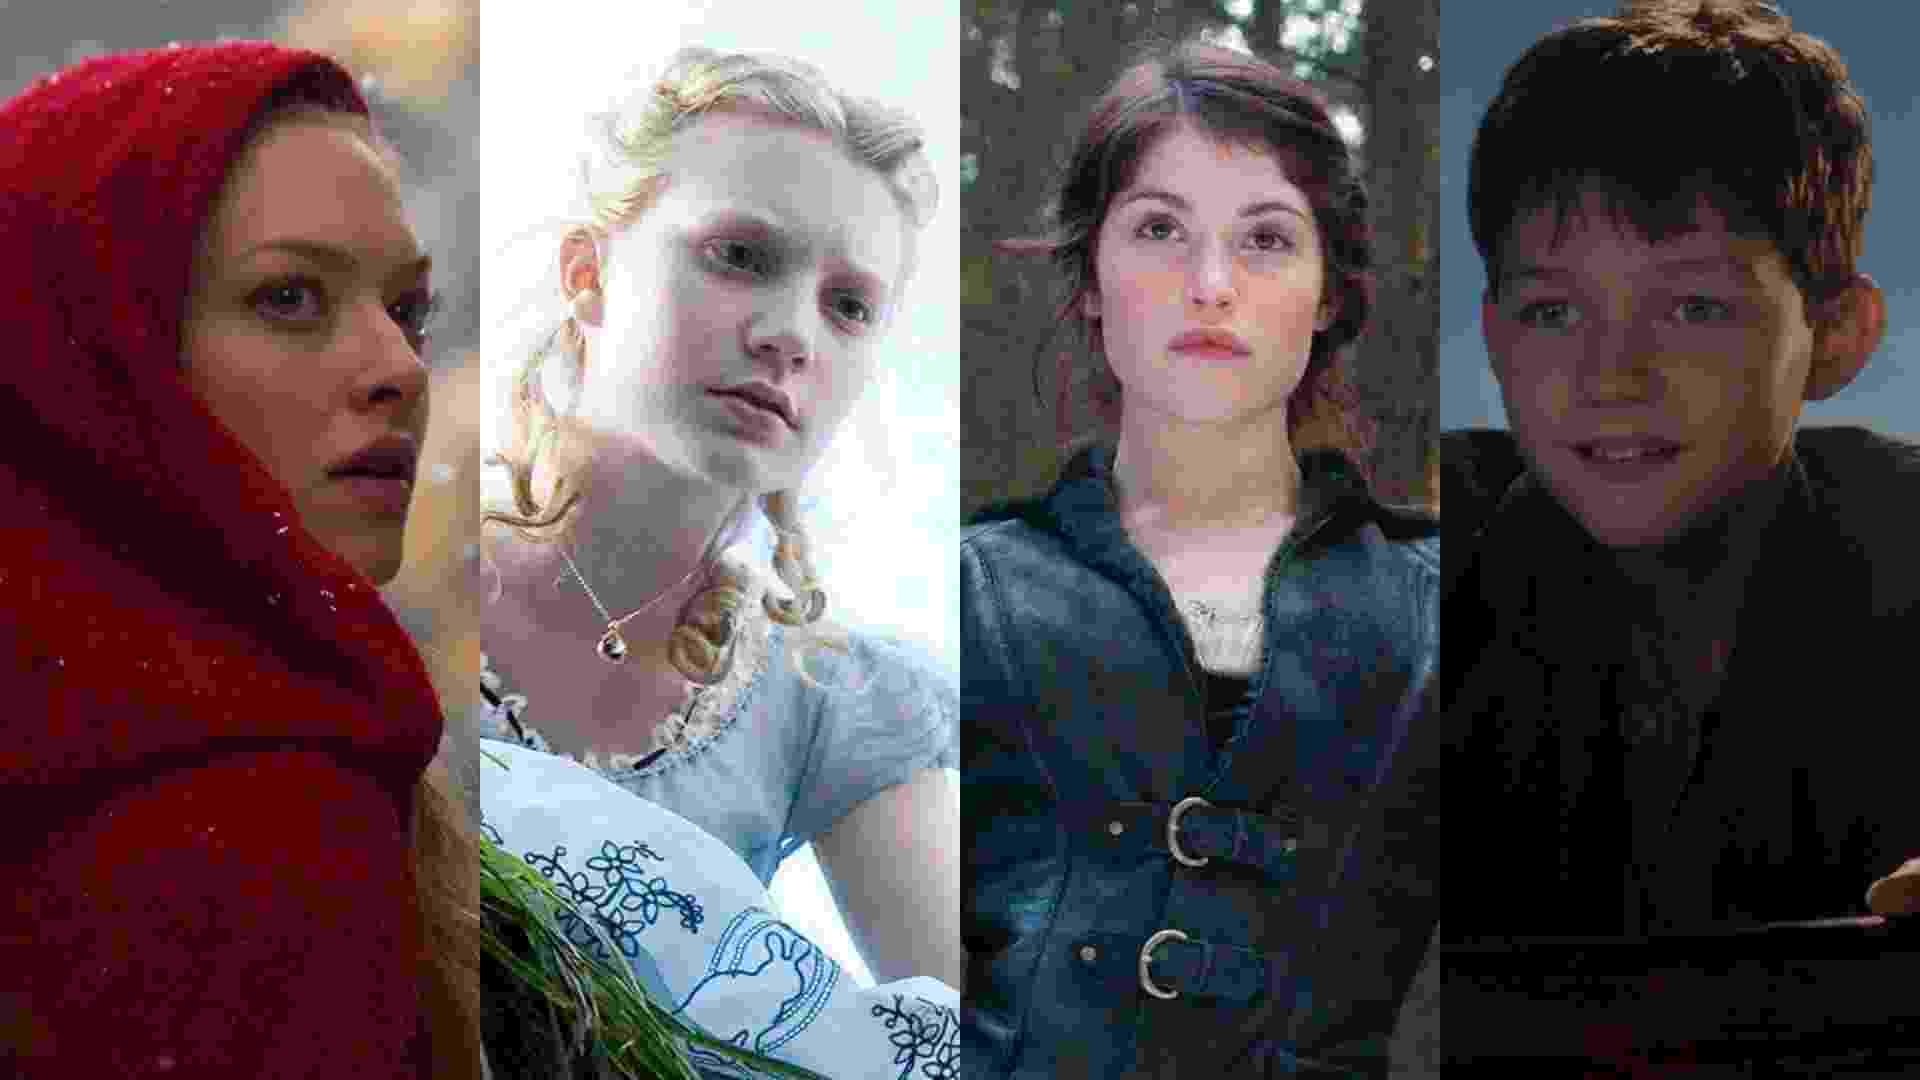 """Cenas dos filmes """"A Garota da Capa Vermelha"""" (2011), de Catherine Hardwicke, """"Alice no País das Maravilhas"""" (2010), de Tim Burton, """"João e Maria: Caçadores de Bruxas"""" (2013), de Tommy Wirkola e """"Peter Pan"""" (2015), de Joe Wright - Reprodução/Montagem"""